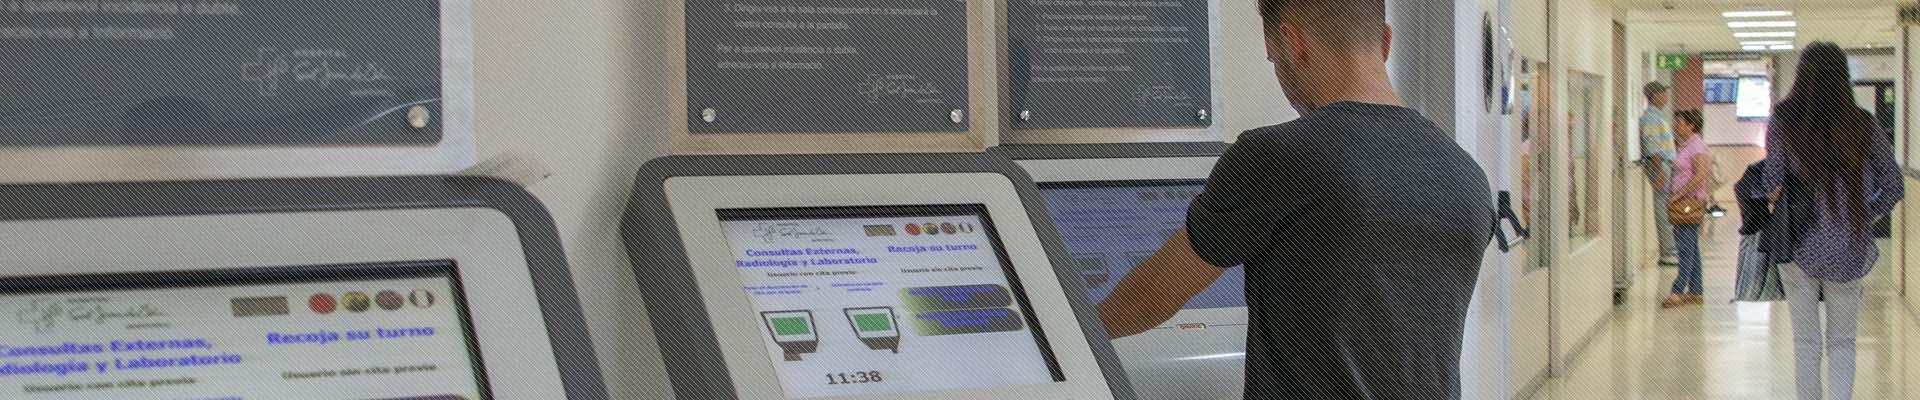 Primer pla dels dispositius electrònics ubicats a la recepció de l'Hospital